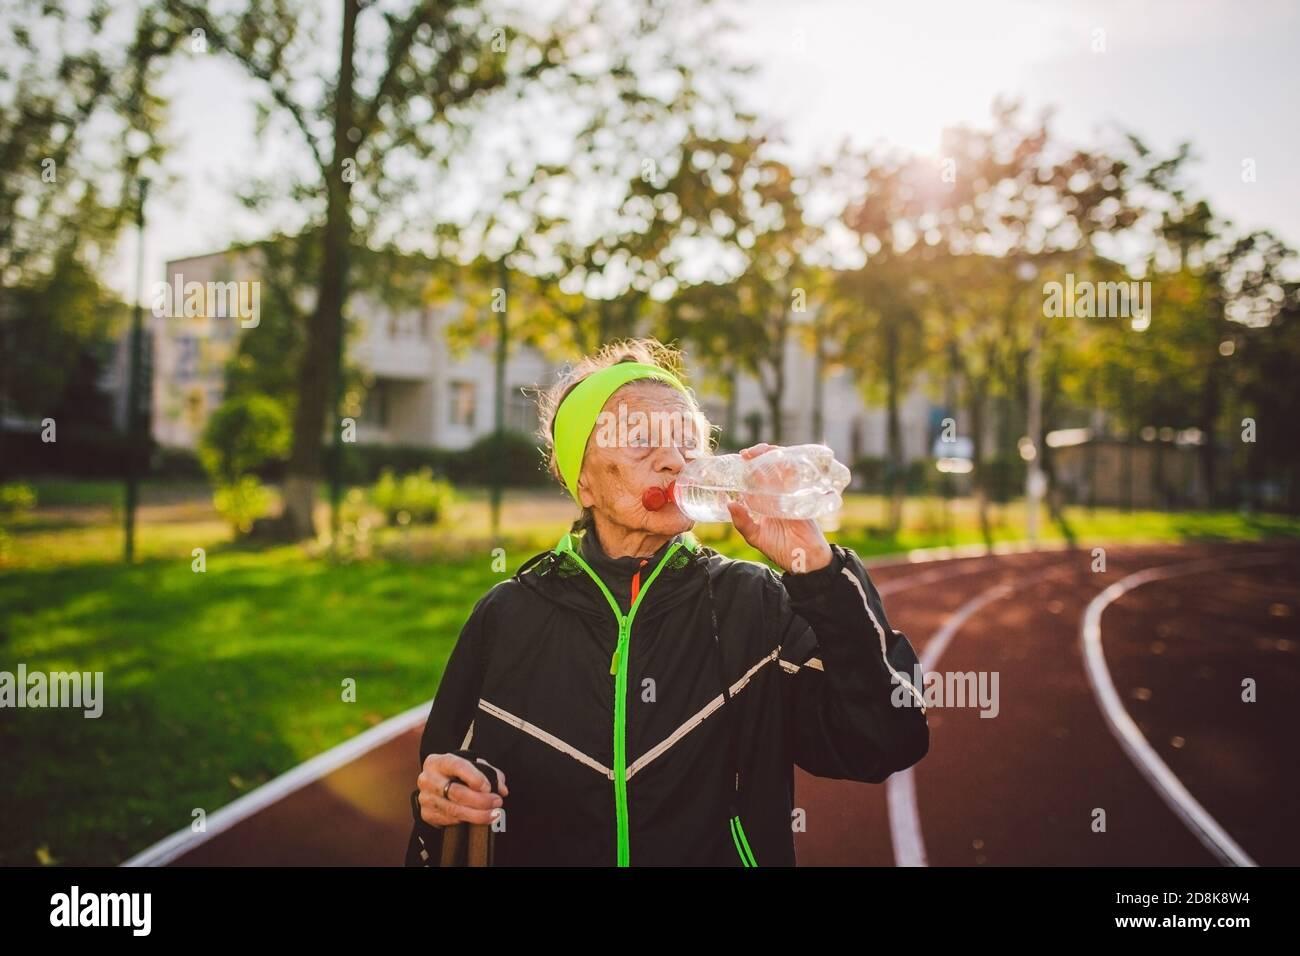 Mujer mayor practicando marcha nórdica en el estadio de la ciudad y se detuvo para saciar la sed, beber agua de la botella. Edad, madurez, estilo de vida activo y. Foto de stock